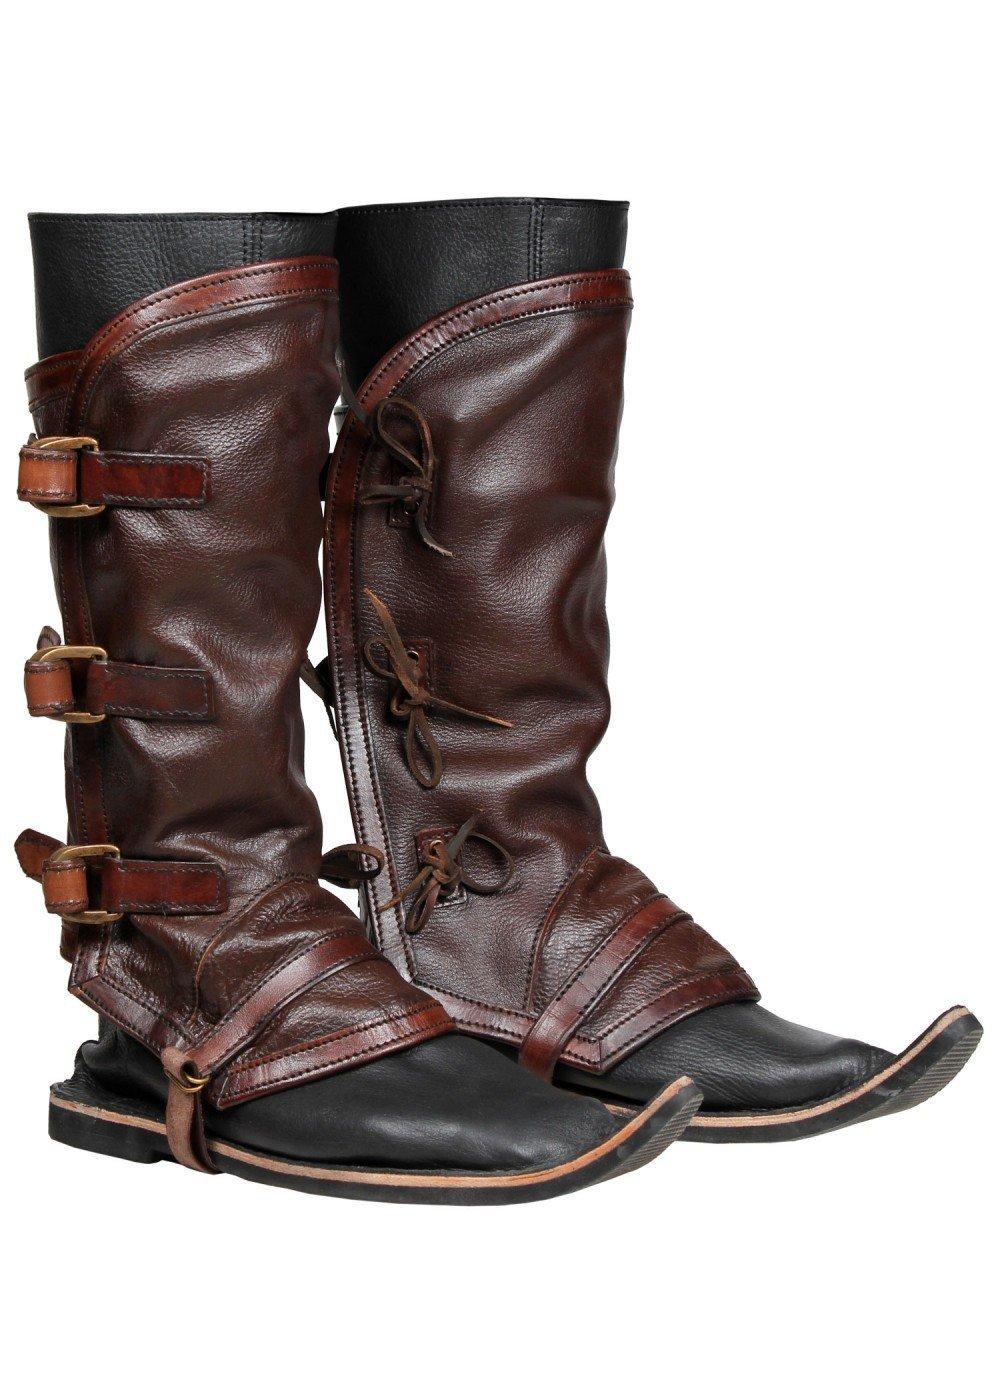 1 Paar Hochwertige Gamaschen aus Leder Lederstiefel LARP Rüstung Schwarz oder Braun